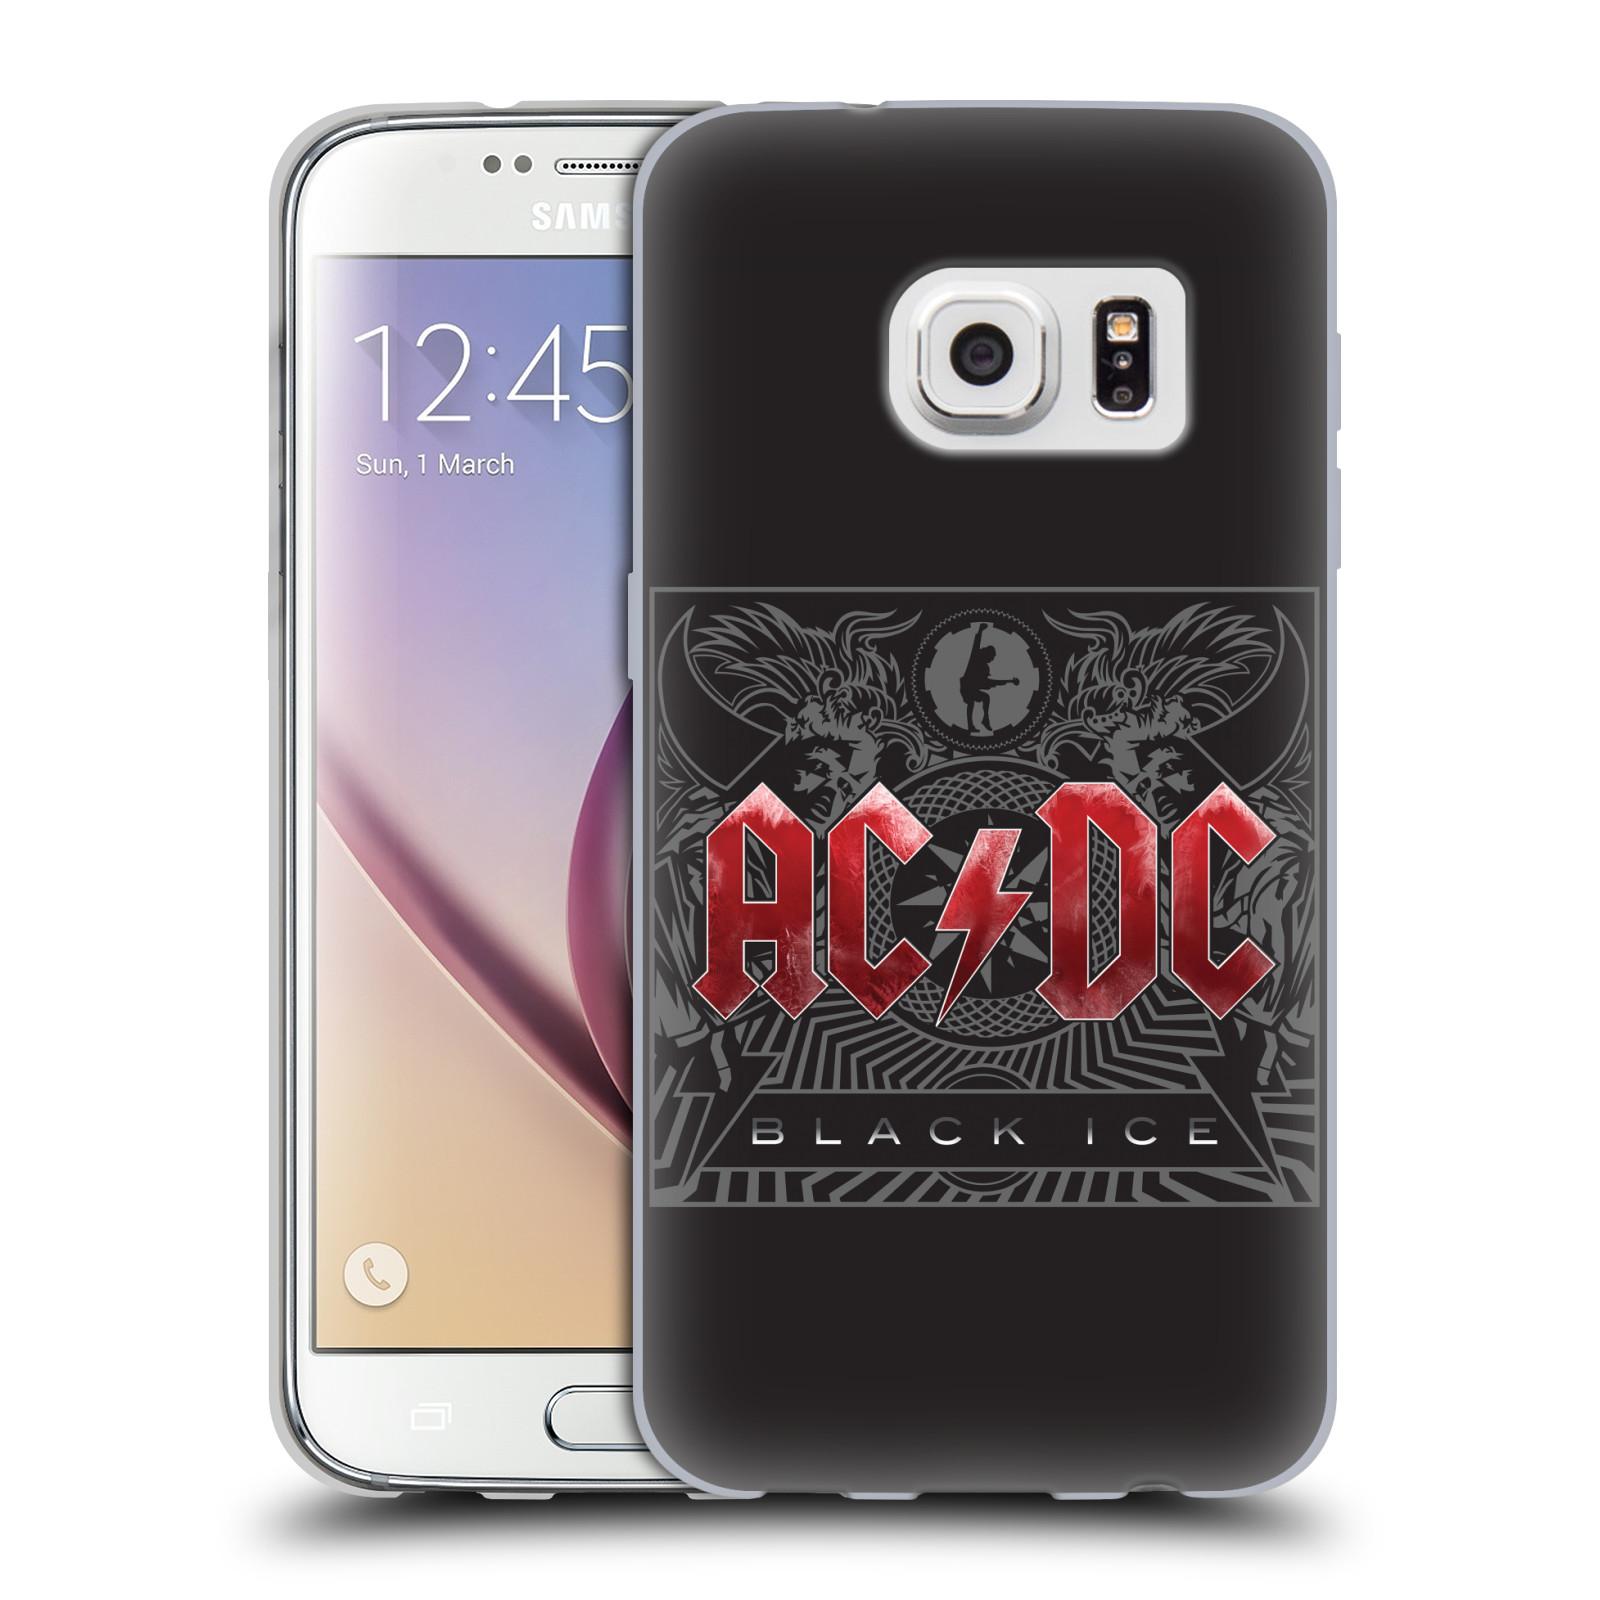 Silikonové pouzdro na mobil Samsung Galaxy S7 HEAD CASE AC/DC Black Ice (Silikonový kryt či obal na mobilní telefon s oficiálním motivem australské skupiny AC/DC pro Samsung Galaxy S7 SM-G930F)